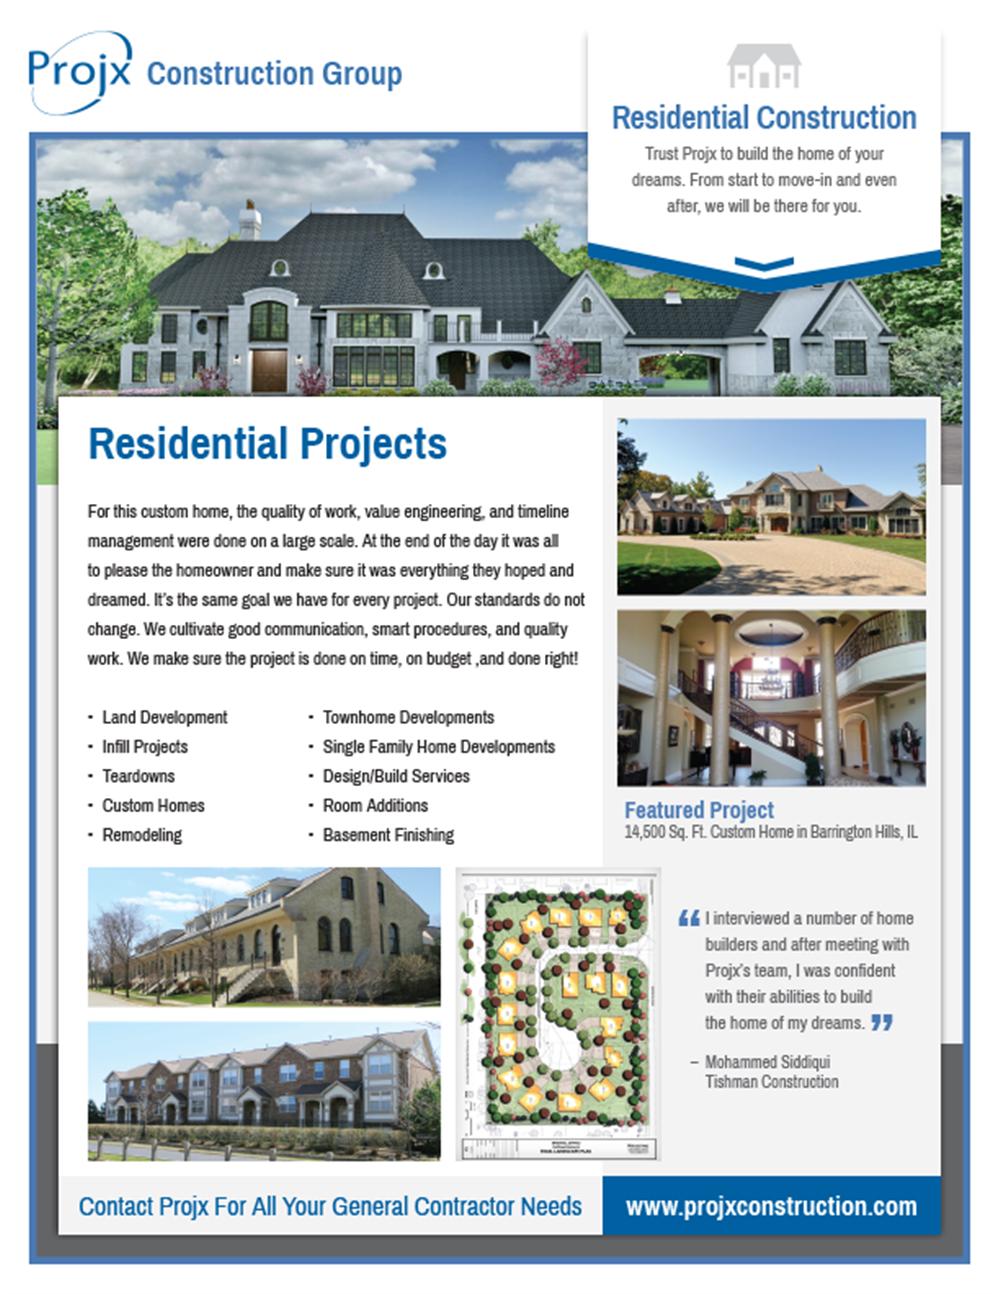 Construction Services Flyer : Our portfolio projx construction group sales flyer